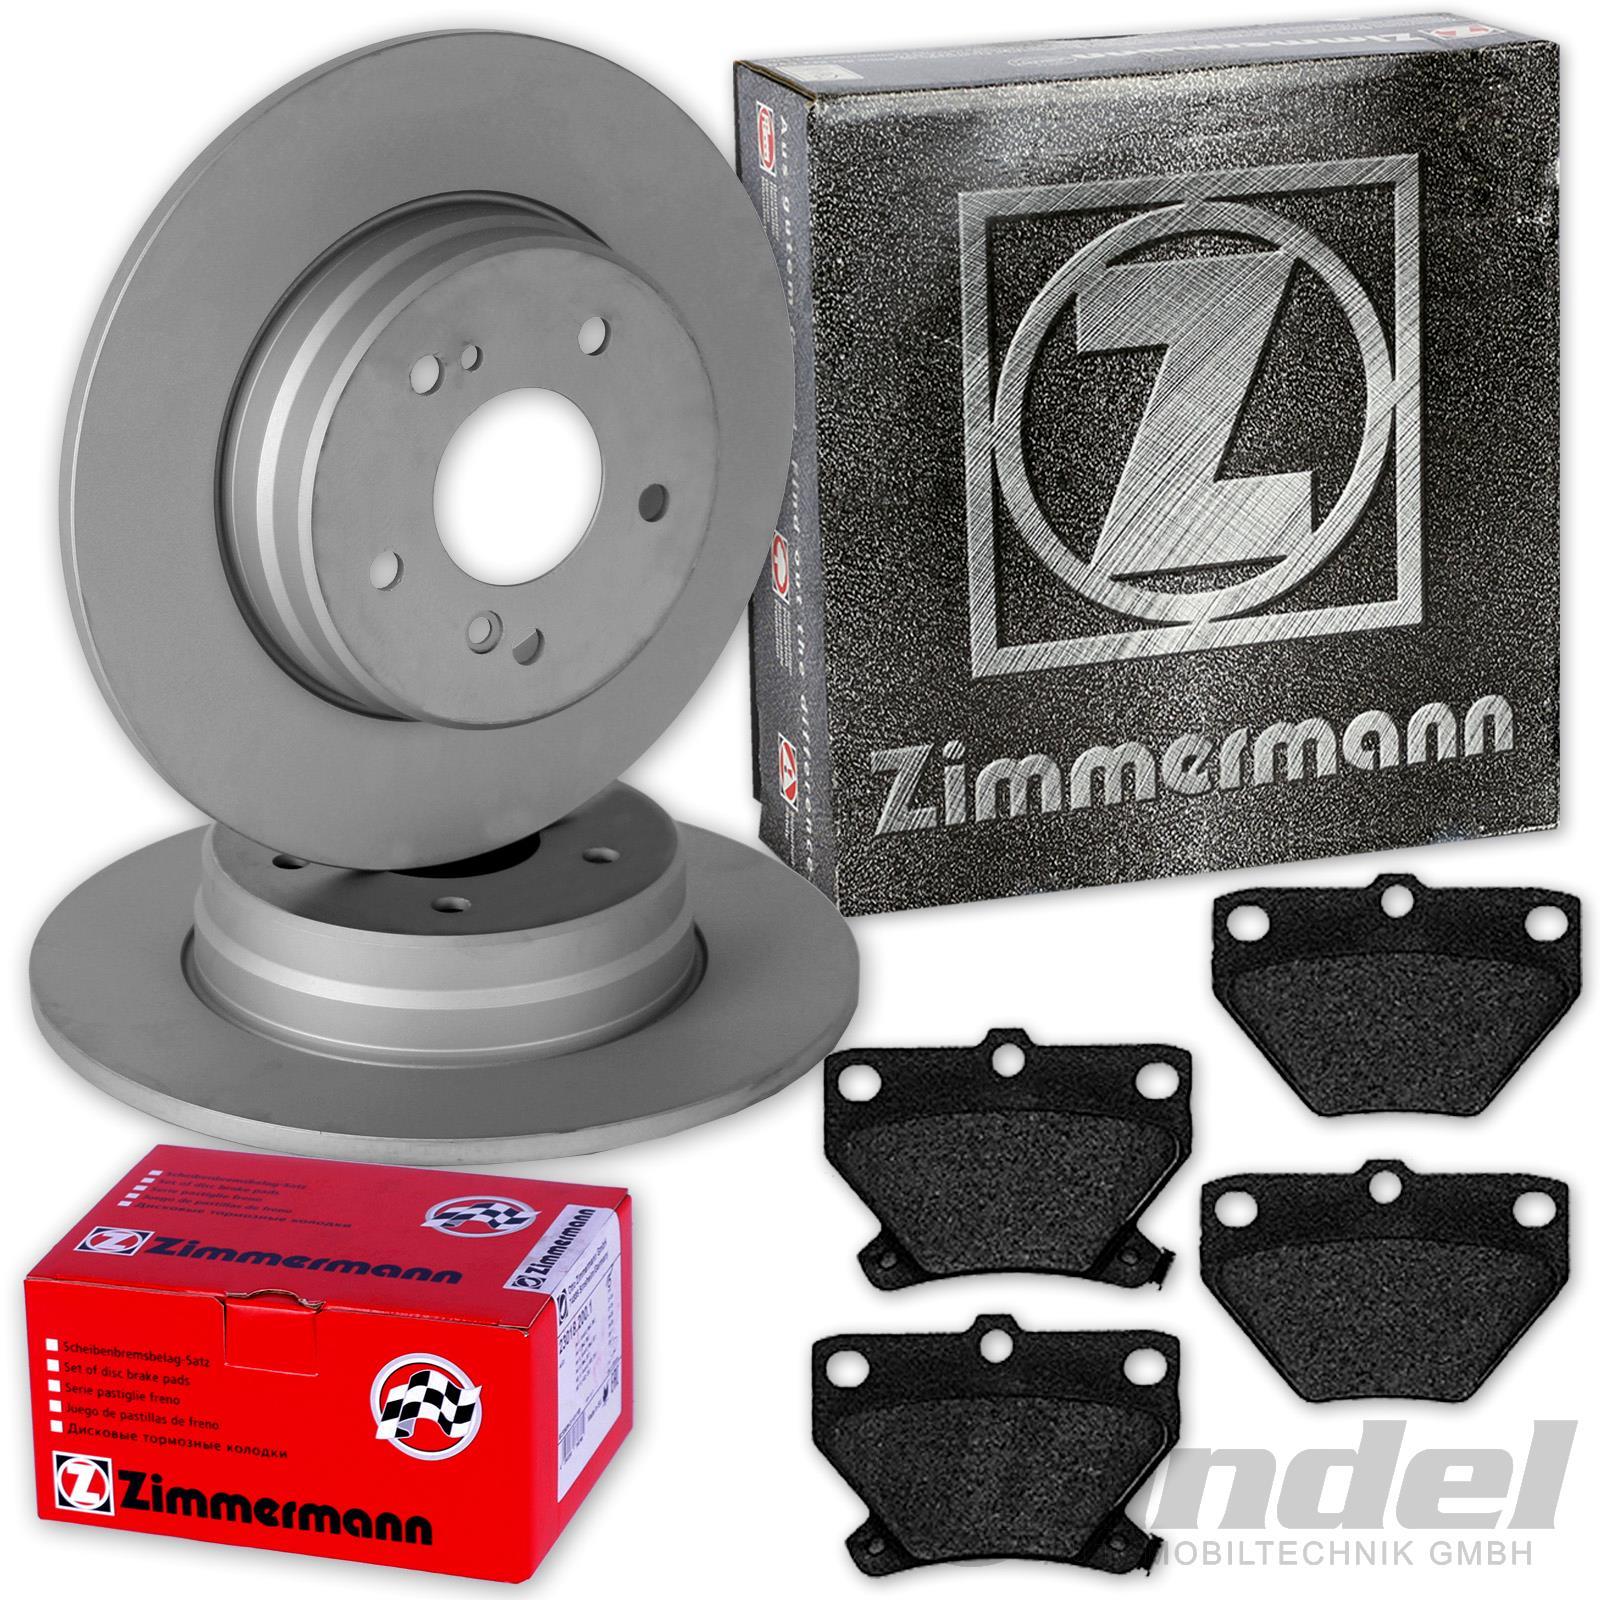 für Toyota Brembo2 Bremsscheiben Voll 269 mm Bremsbeläge Hinten u.a